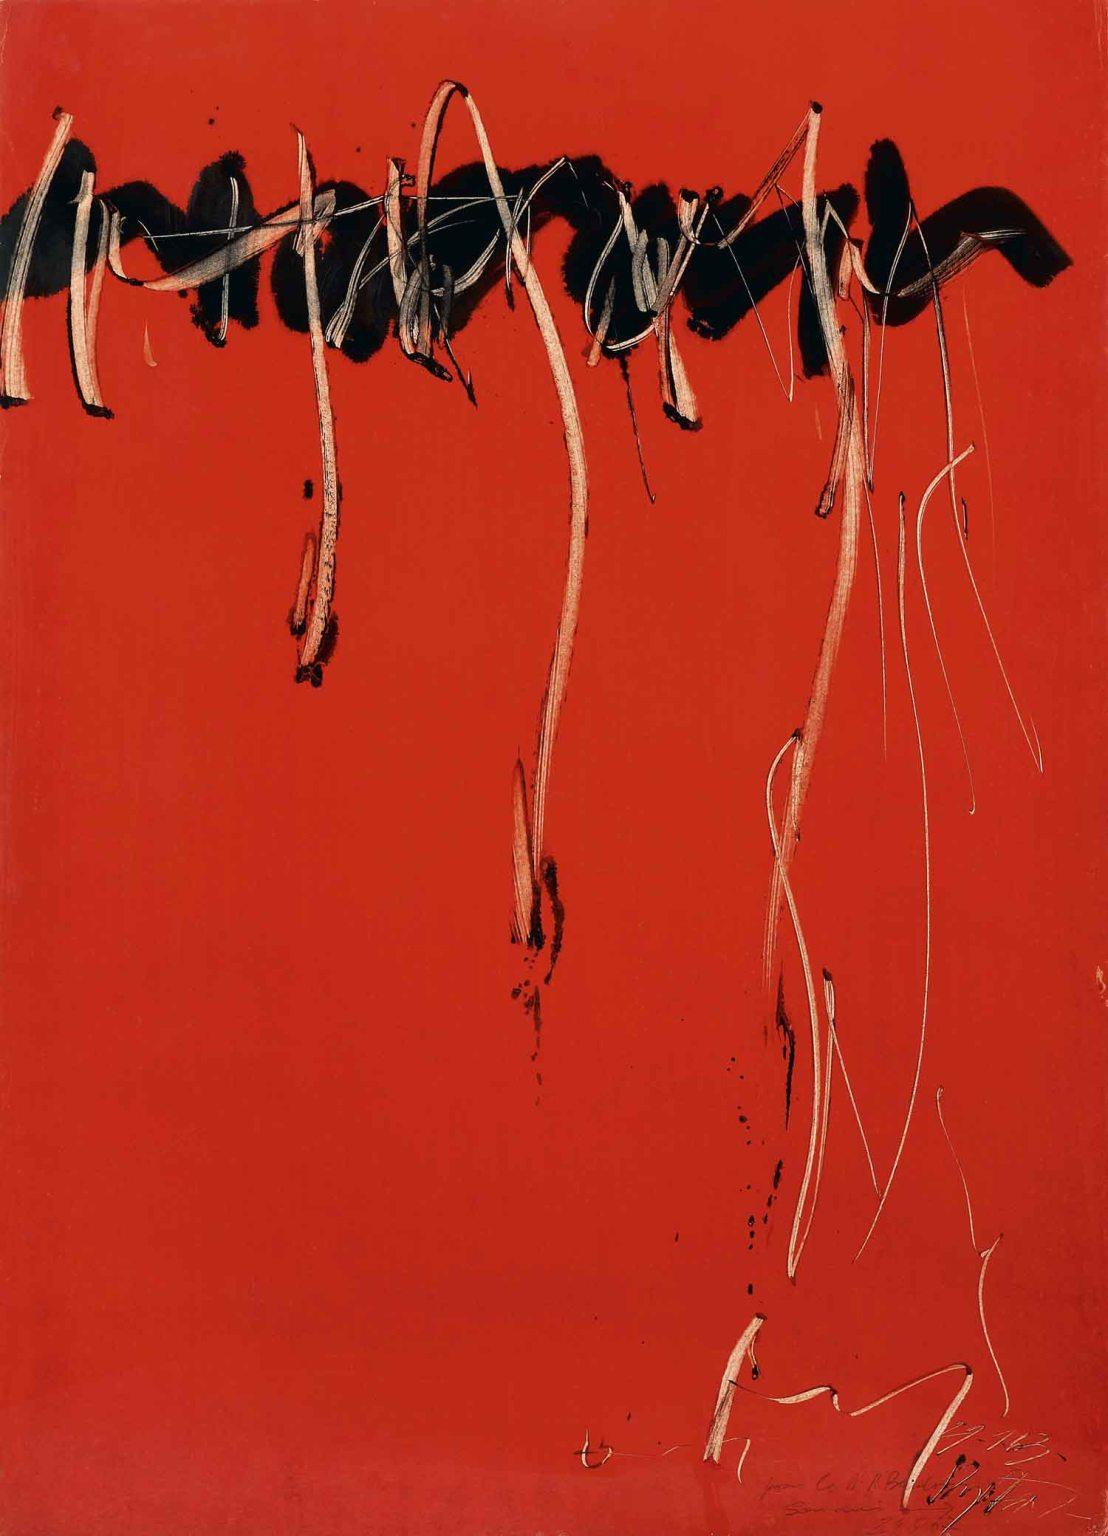 degottex__ecriture_noire_serie_rouge_1963-4-1